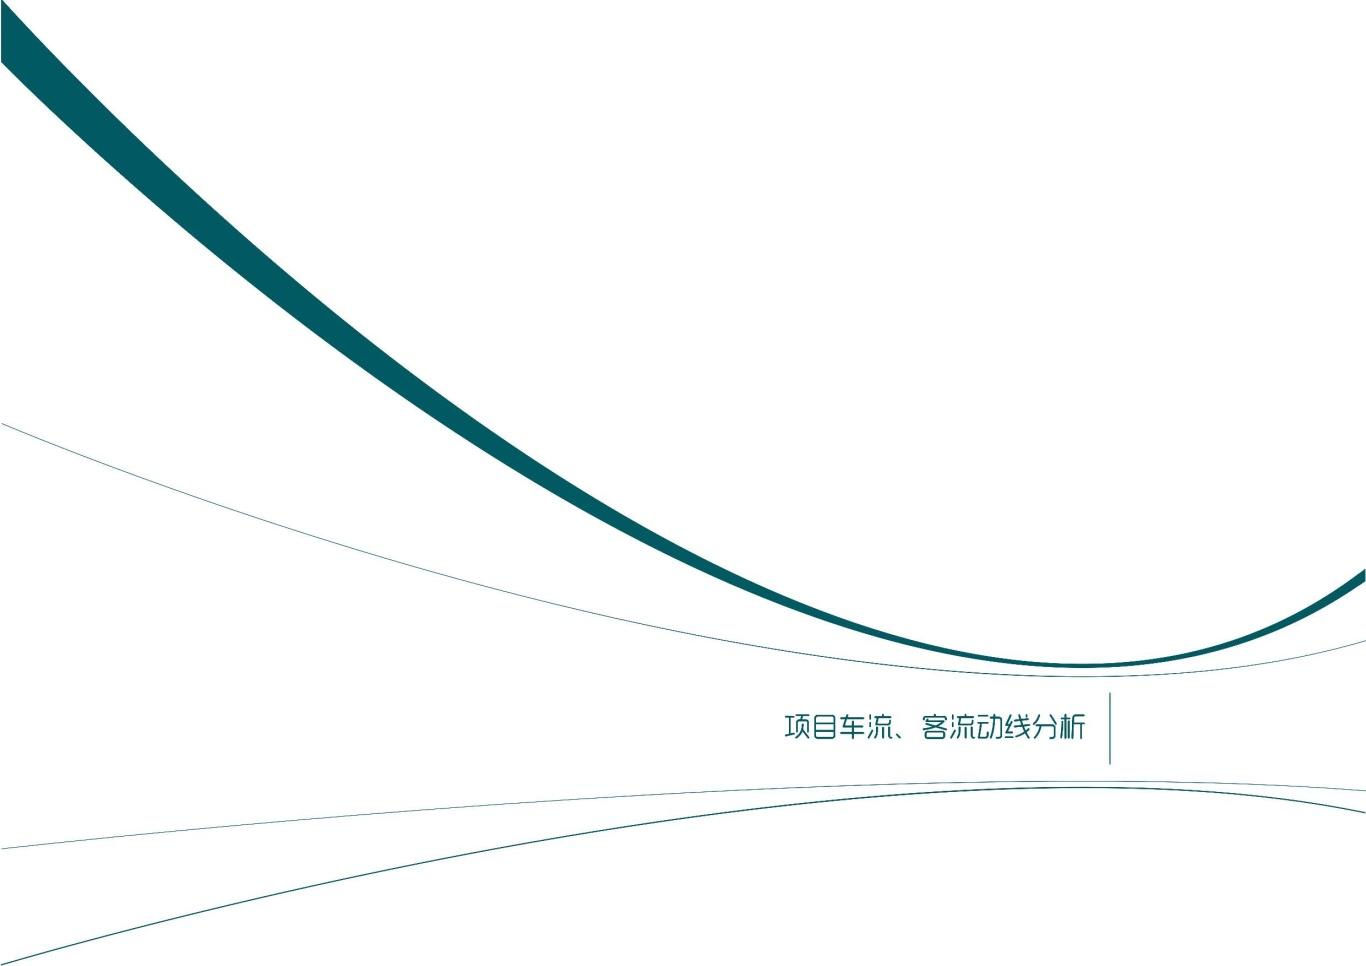 大连泰达慧谷开发区导视系统设计图5